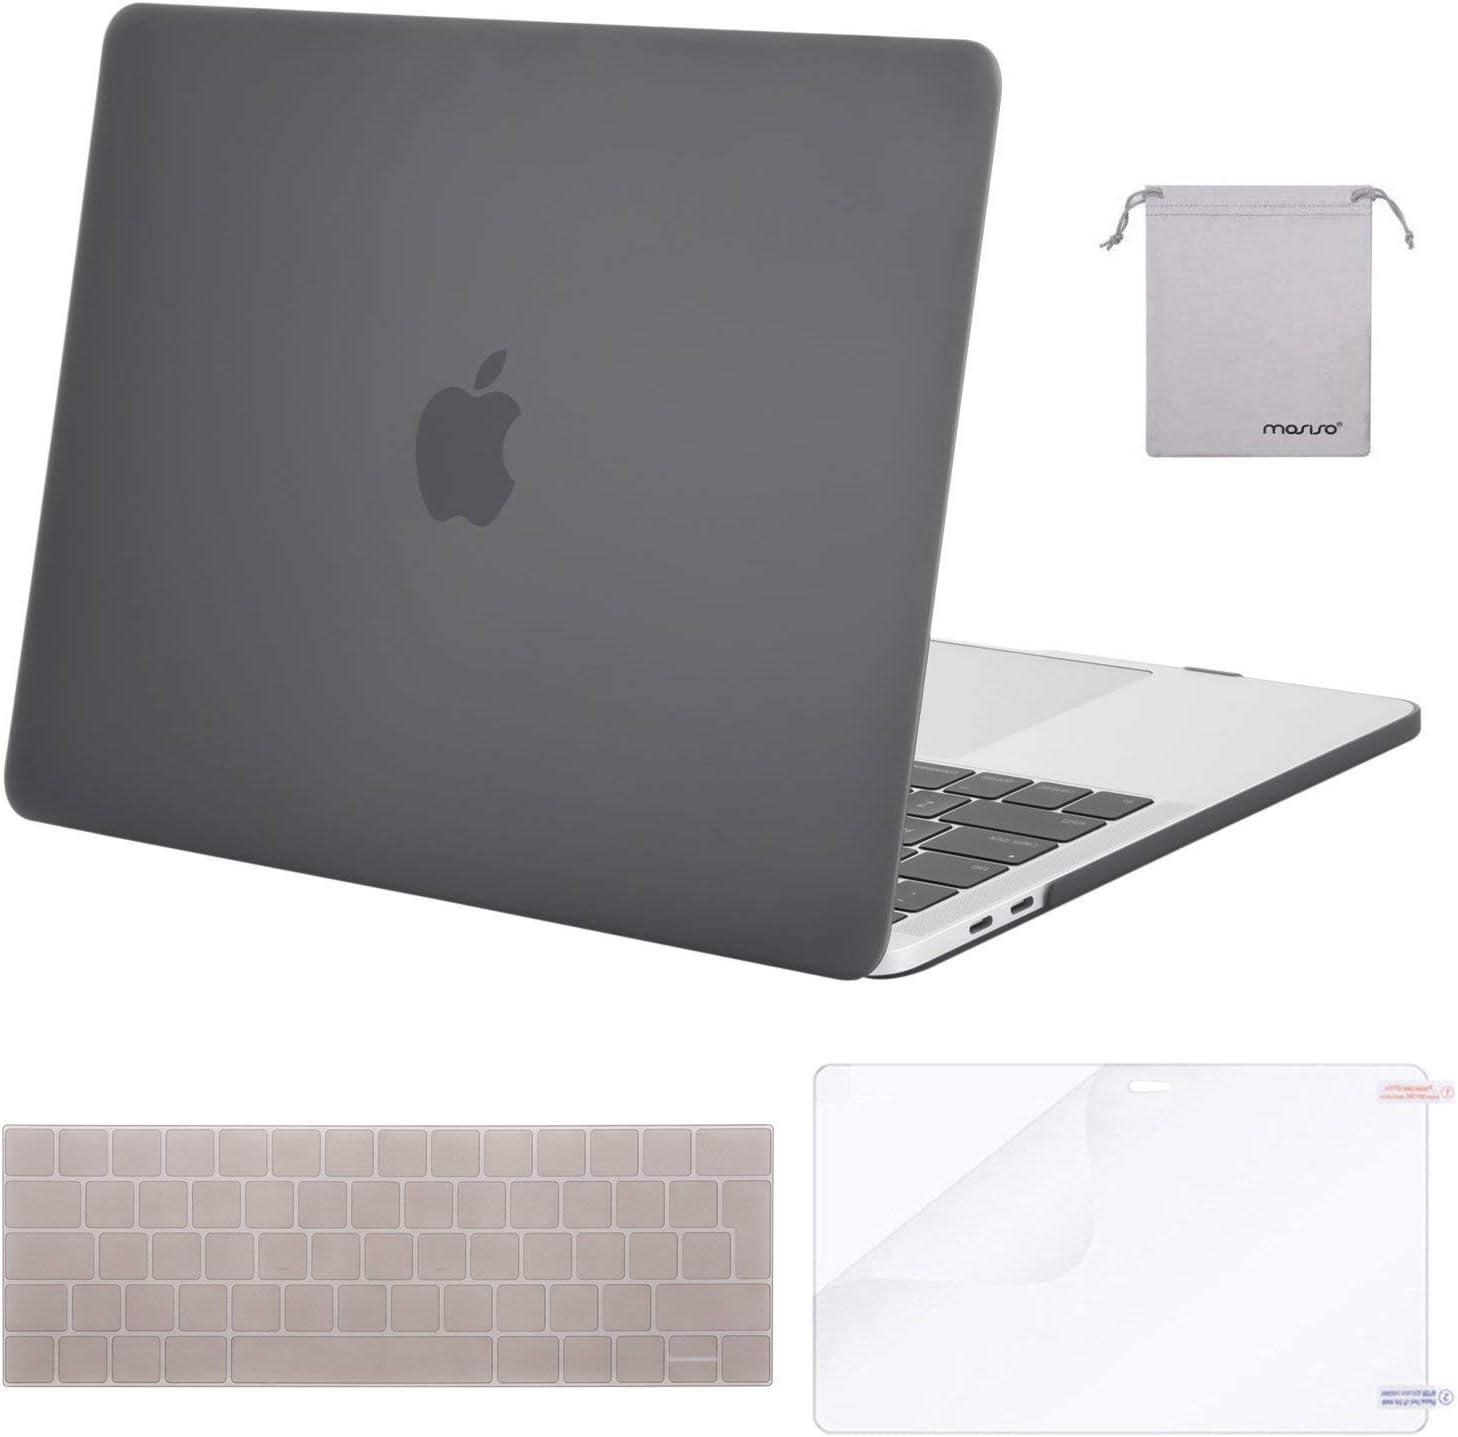 Plastique Coque Rigide/&Protection Clavier/&Protecteur d/écran/&Pochette Hydrofuge MOSISO Coque Compatible avec MacBook Pro 13 Pouces A2159//A1989//A1706//A1708 2019-2016 Noir